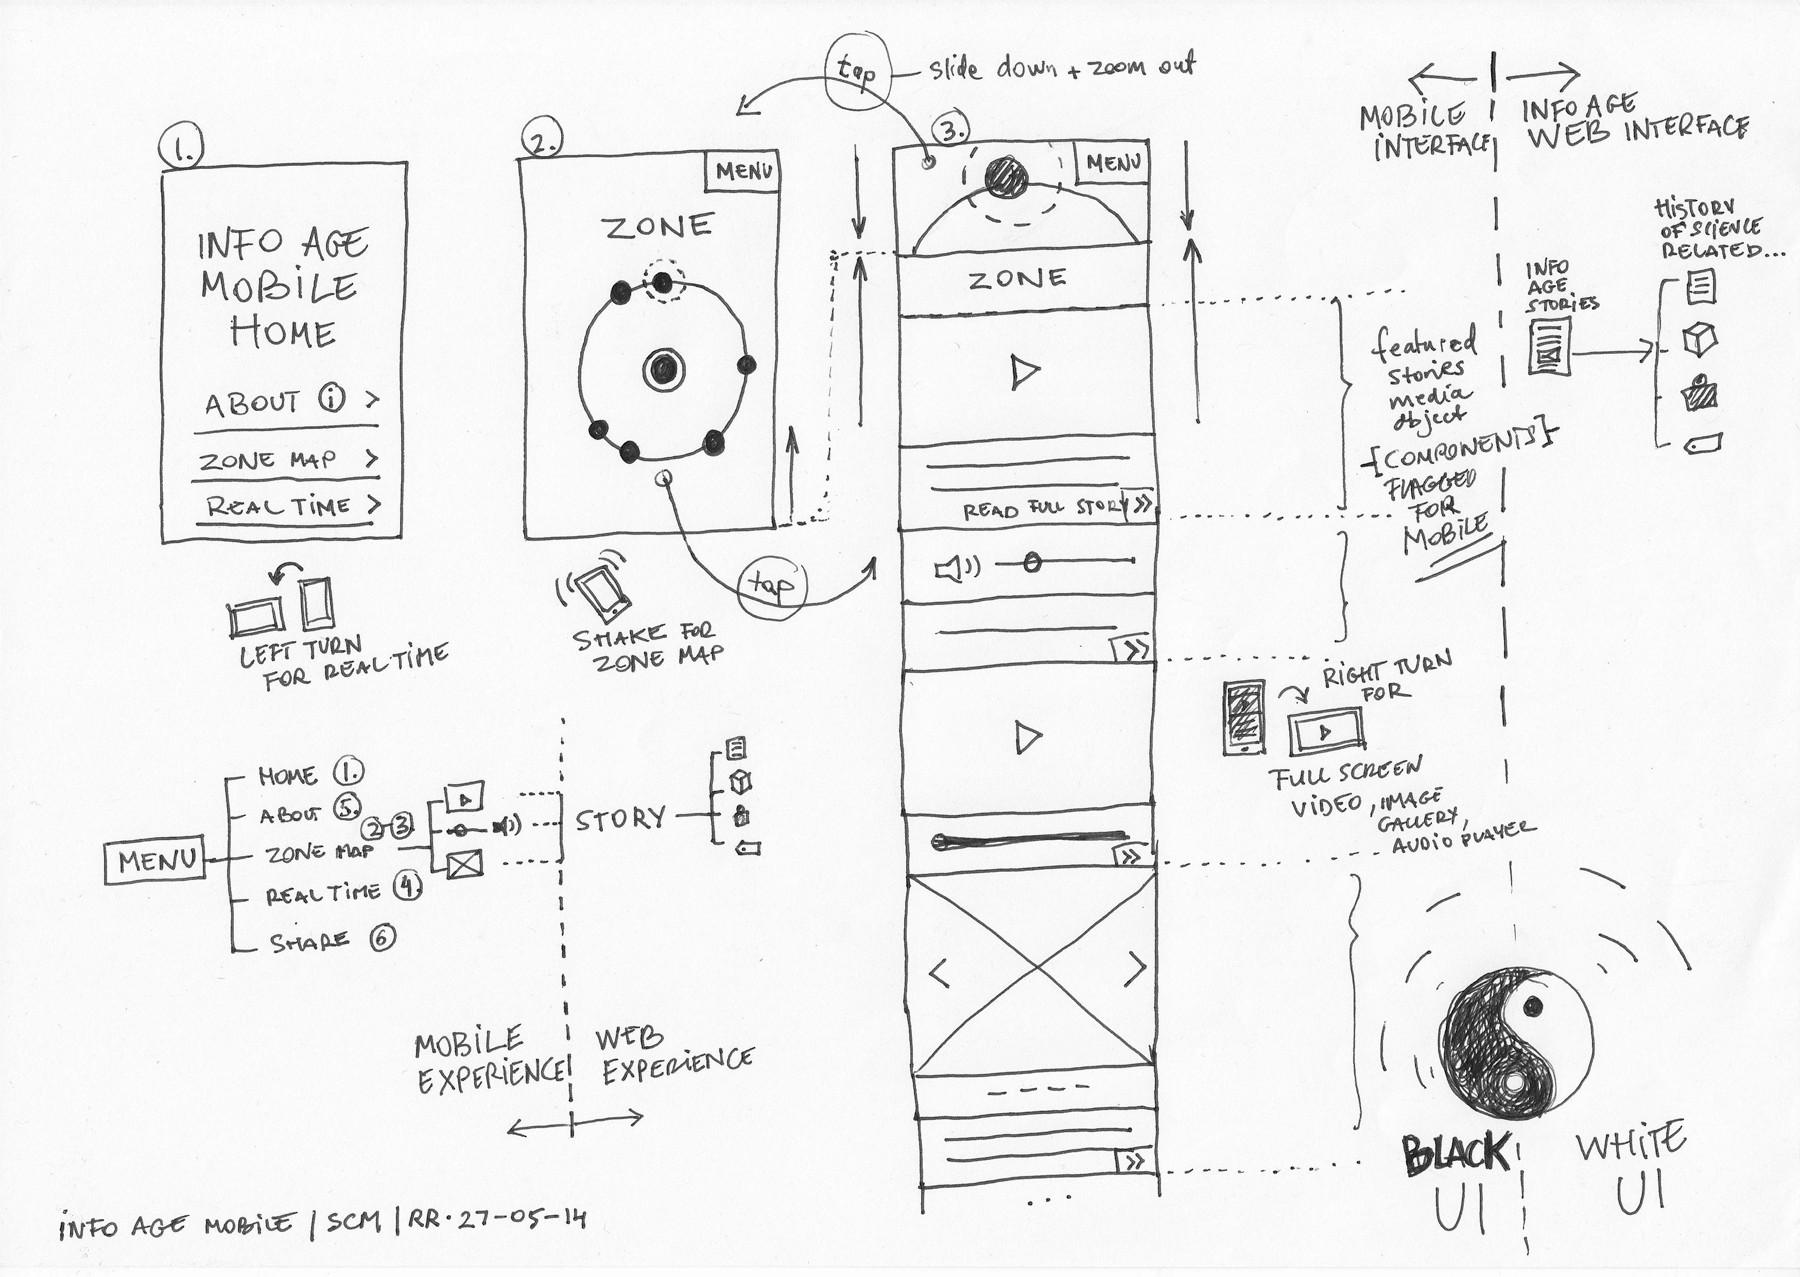 infoage-mobile-concept-1.jpg